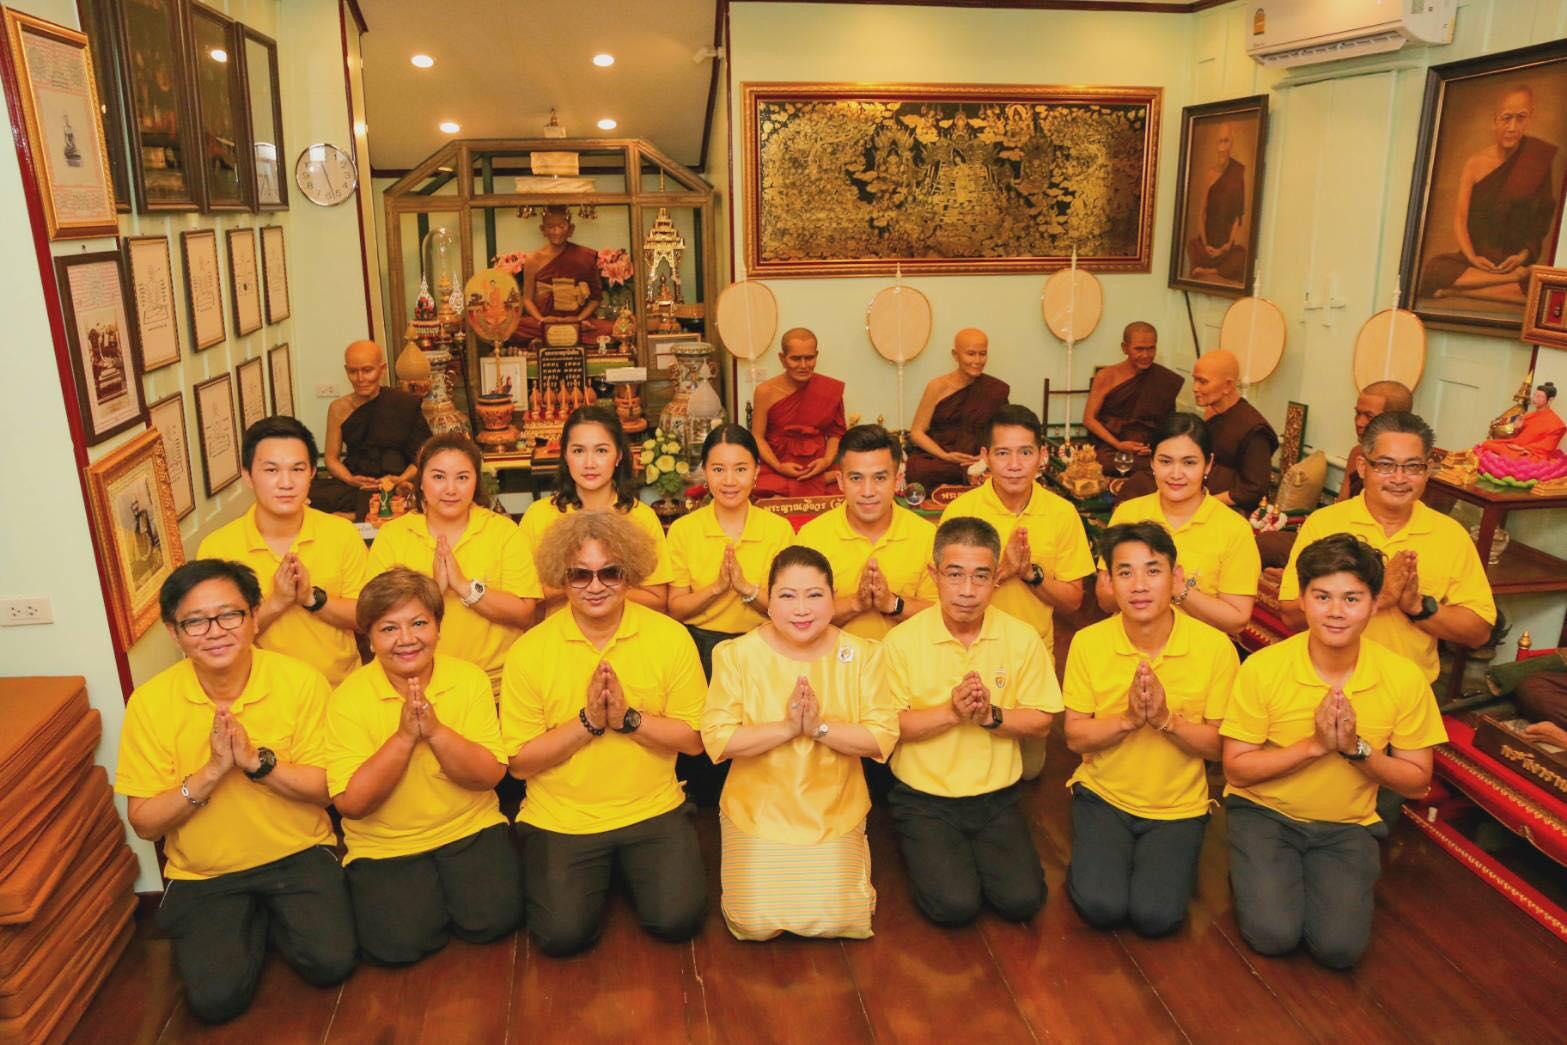 พลังบุญทิพยร่วมสร้าง ครั้งที่ 123 สร้างบุญมหากุศล วันวิสาขบูชา